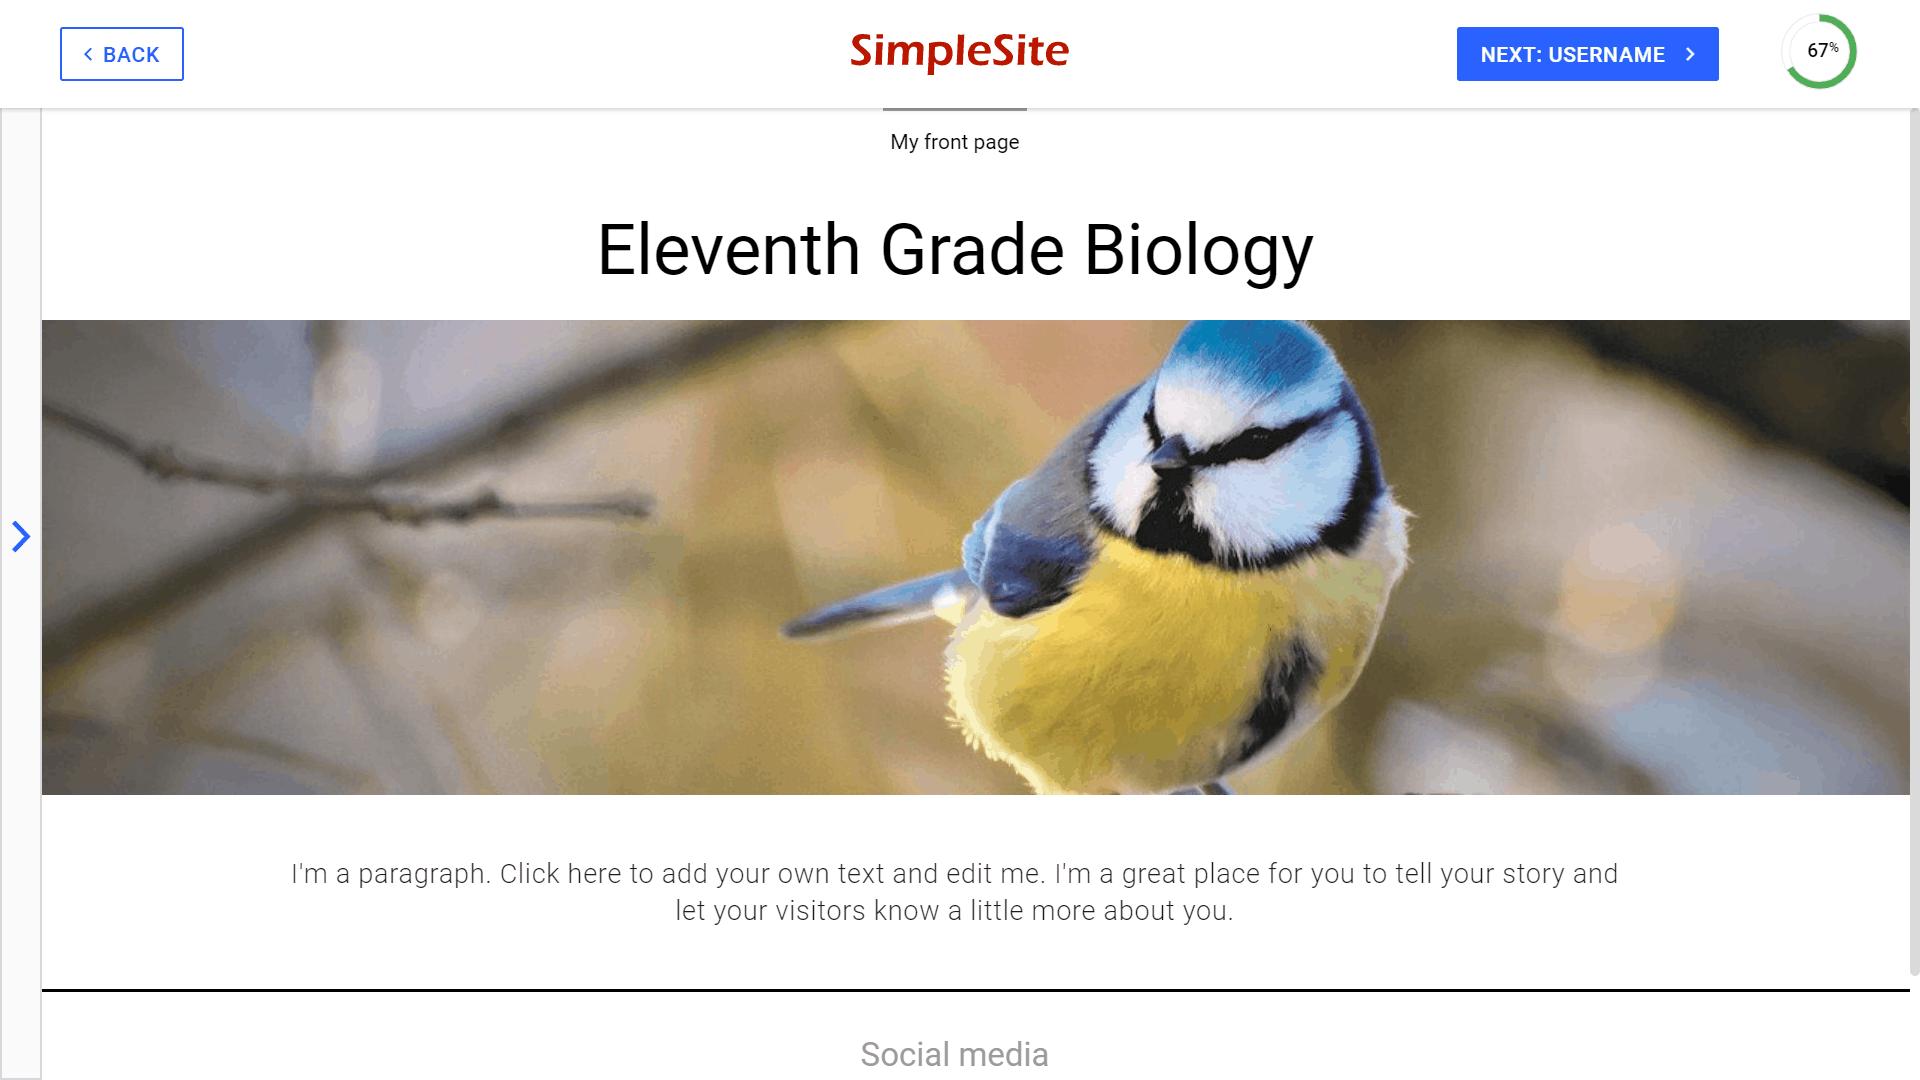 SimpleSite website editor